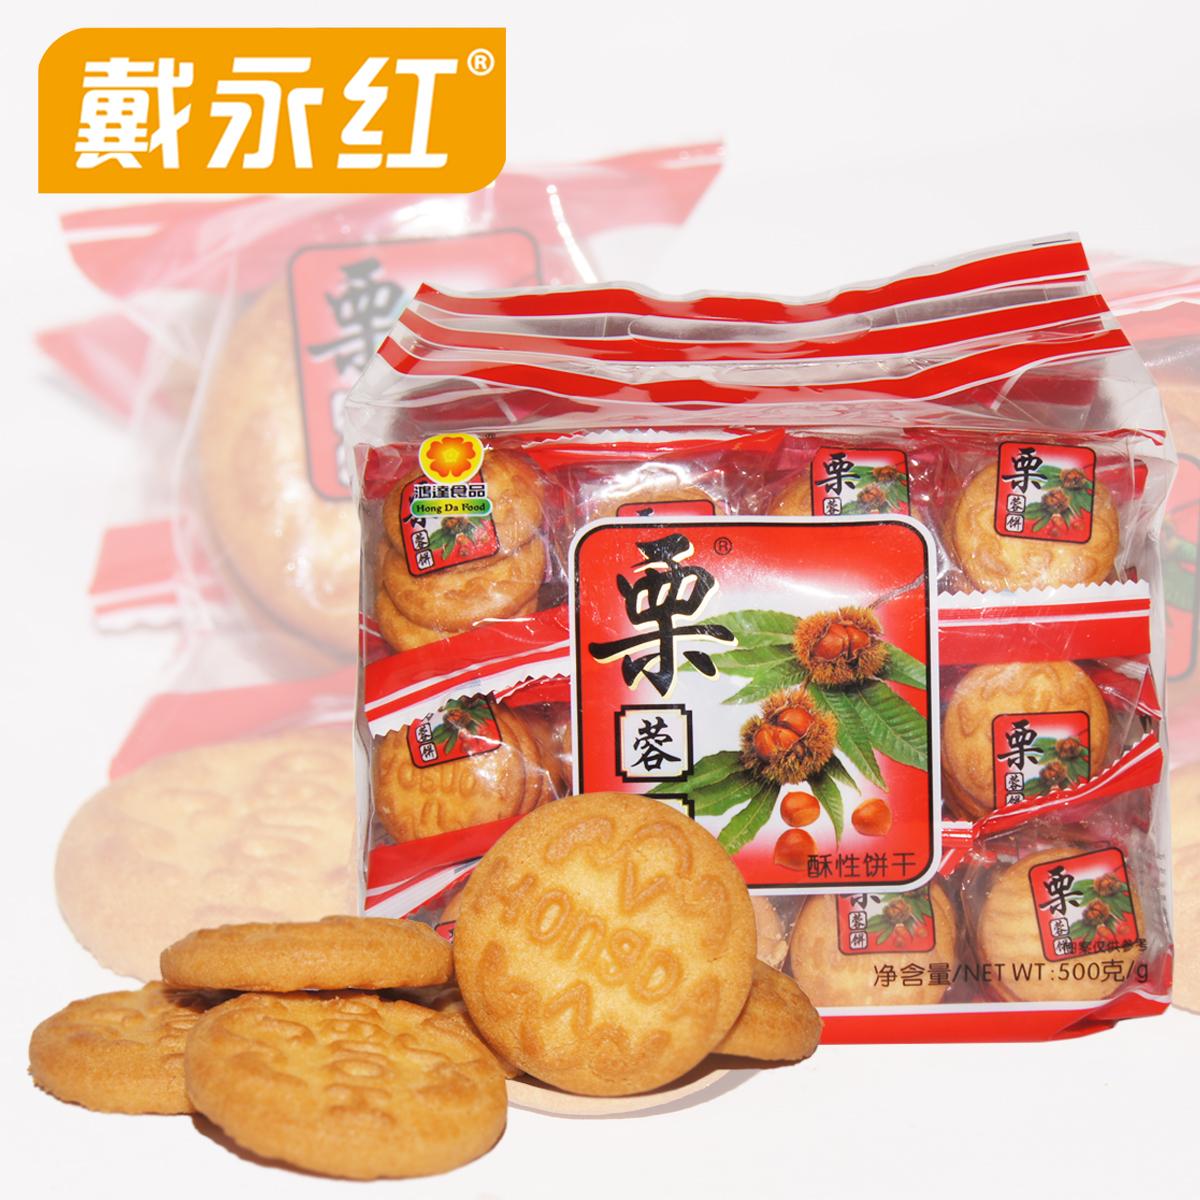 戴永红零食鸿达栗蓉饼绿茶酥性饼干粗纤维蔬菜饼小包装营养早餐饼